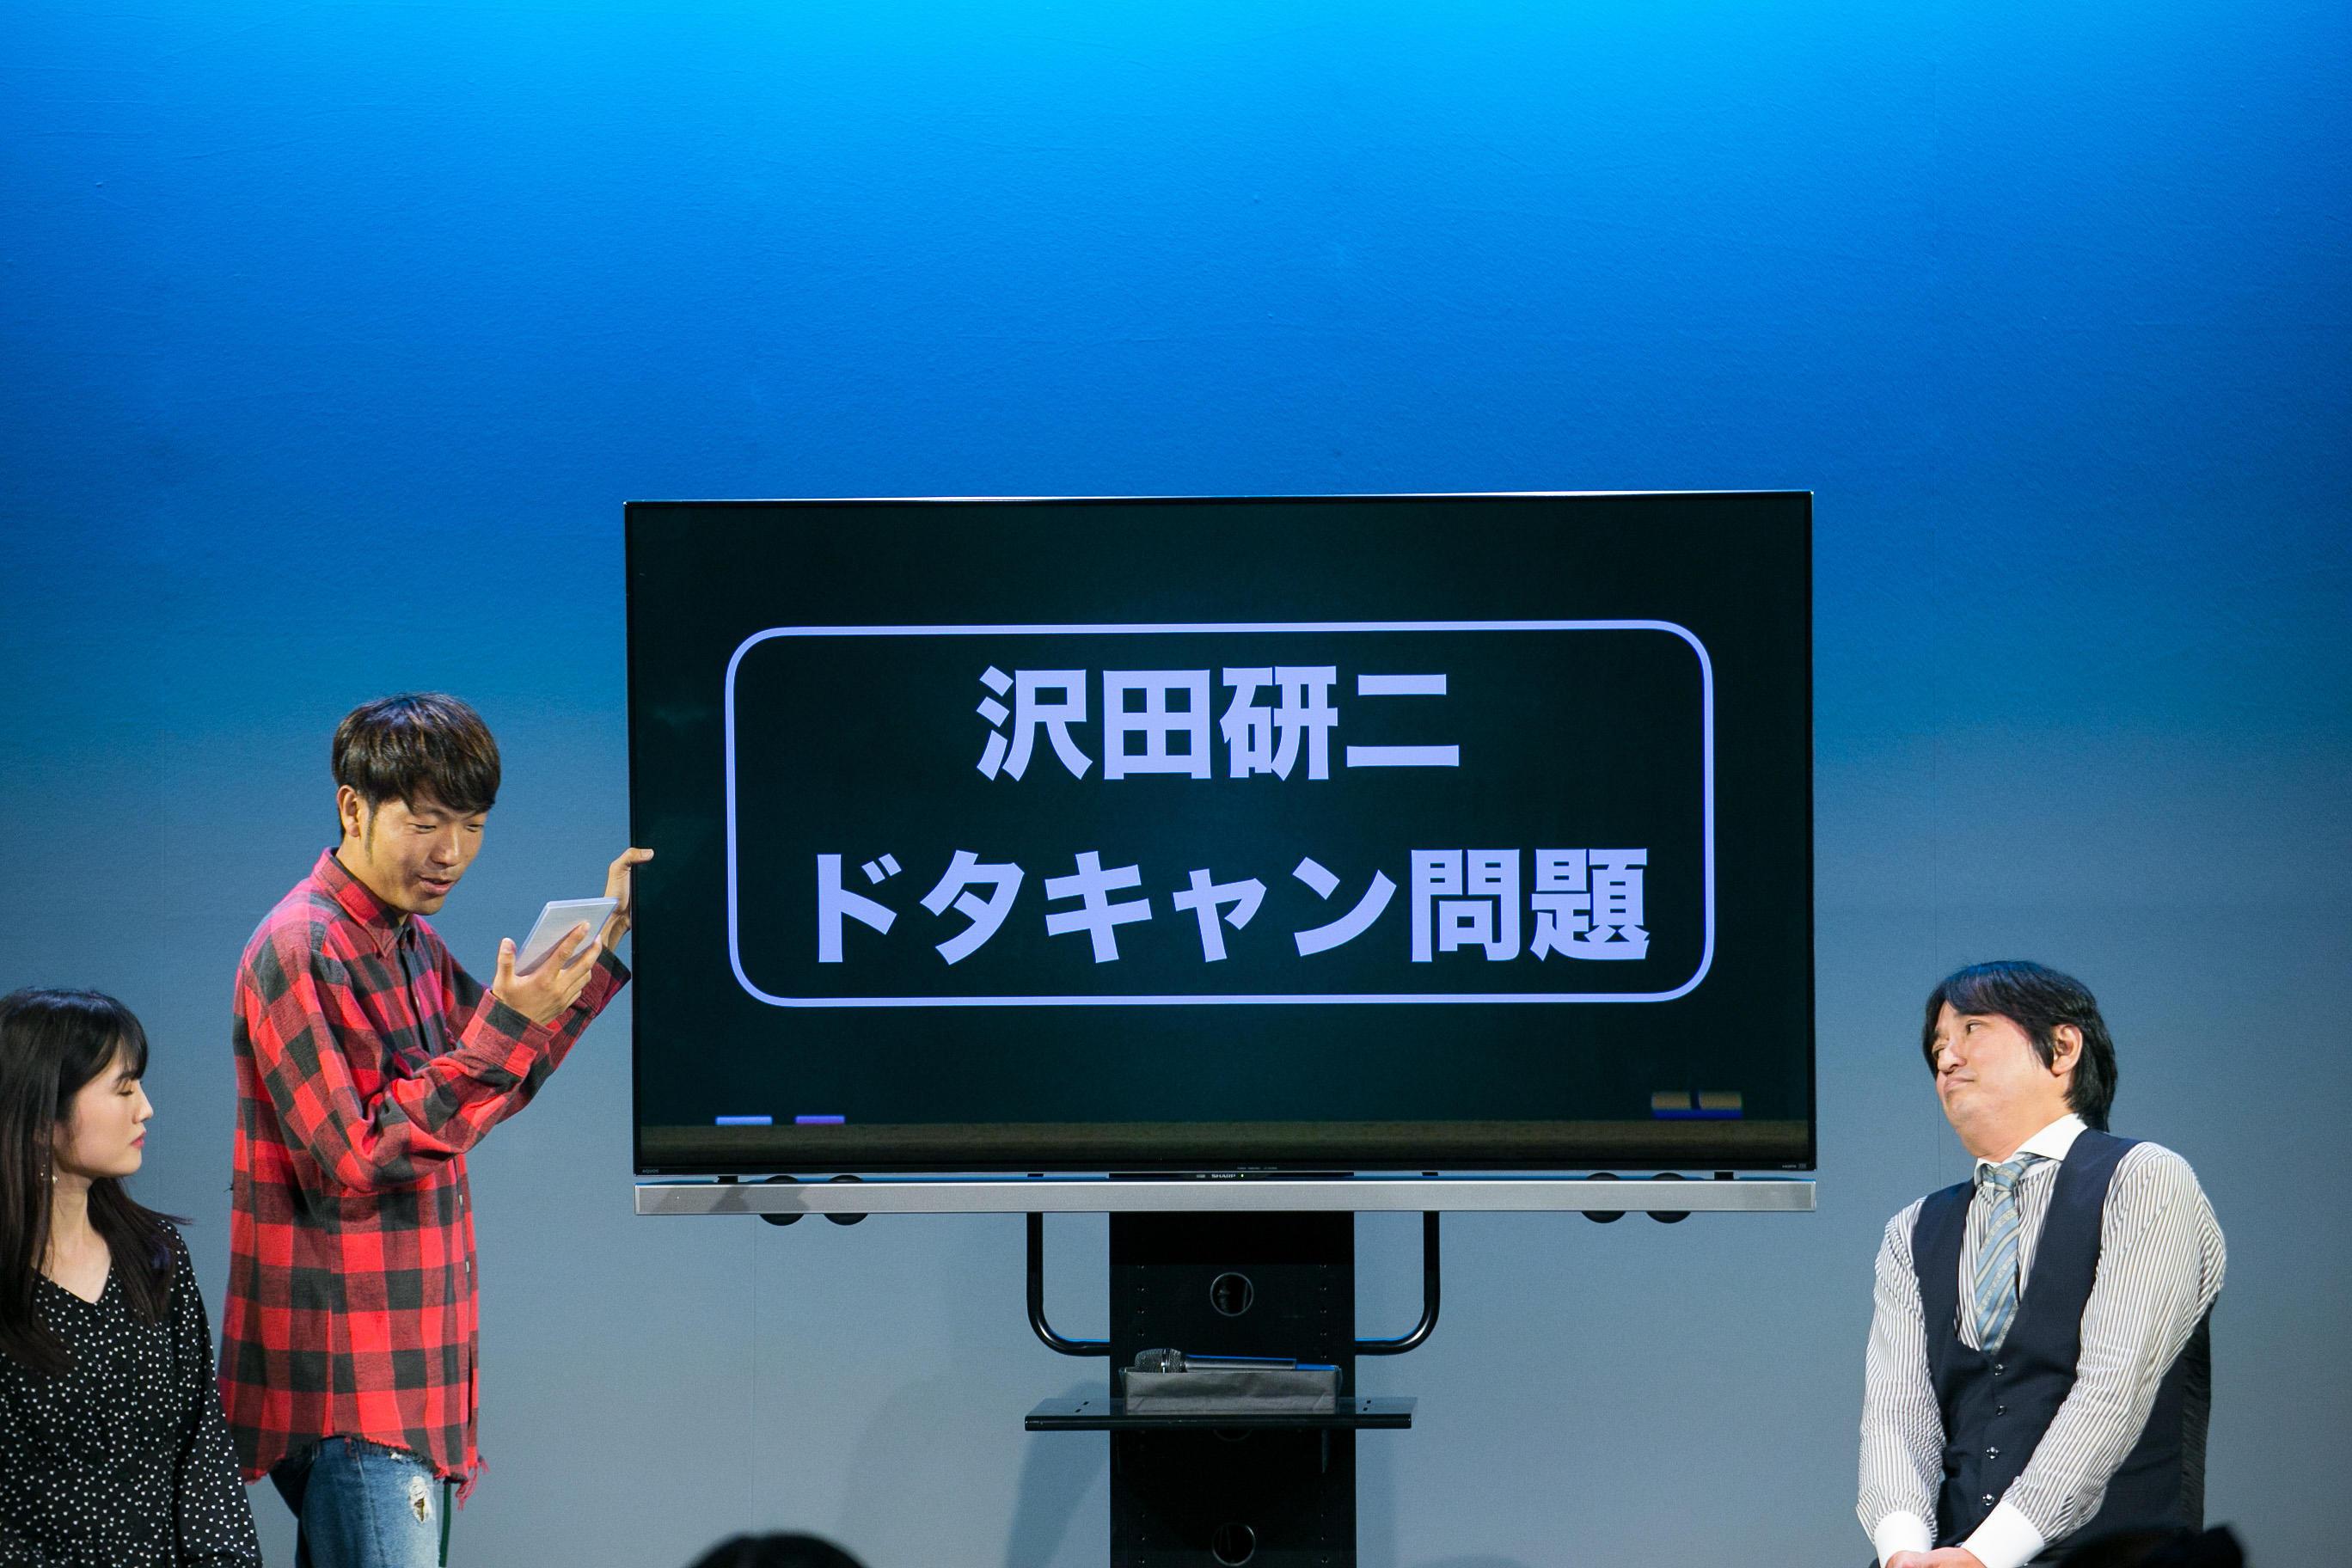 http://news.yoshimoto.co.jp/20181107090305-c965ce4e1c2a3f9ace732f42958d610805388ede.jpg